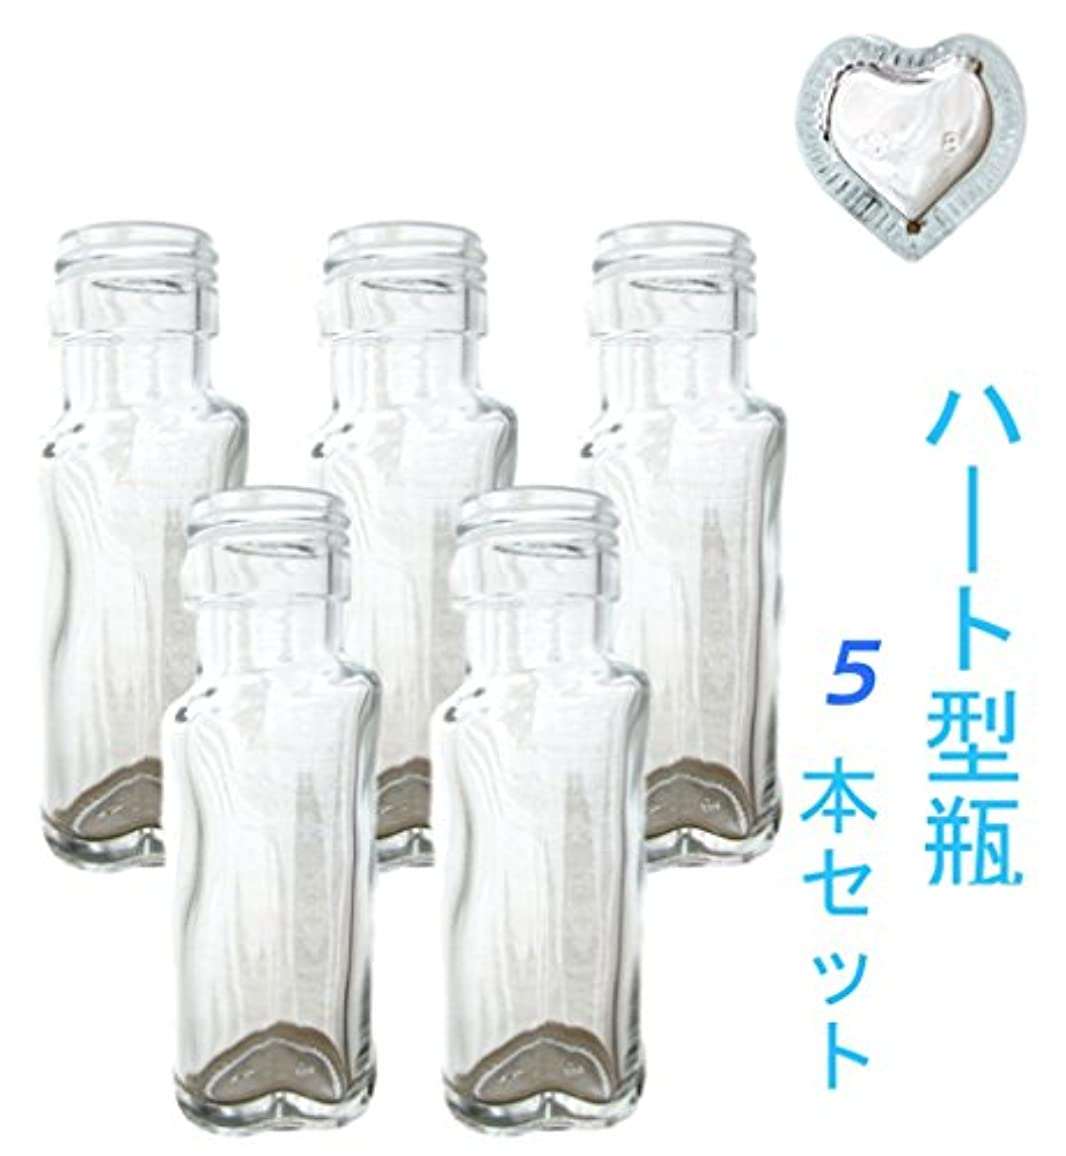 共産主義者不純貯水池(ジャストユーズ) JustU's 日本製 ポリ栓 中栓付きハート型ガラス瓶 5本セット 50cc 50ml アロマデュフューザー ハーバリウム 調味料 オイル タレ ドレッシング瓶 B5-SSH50A-KAS